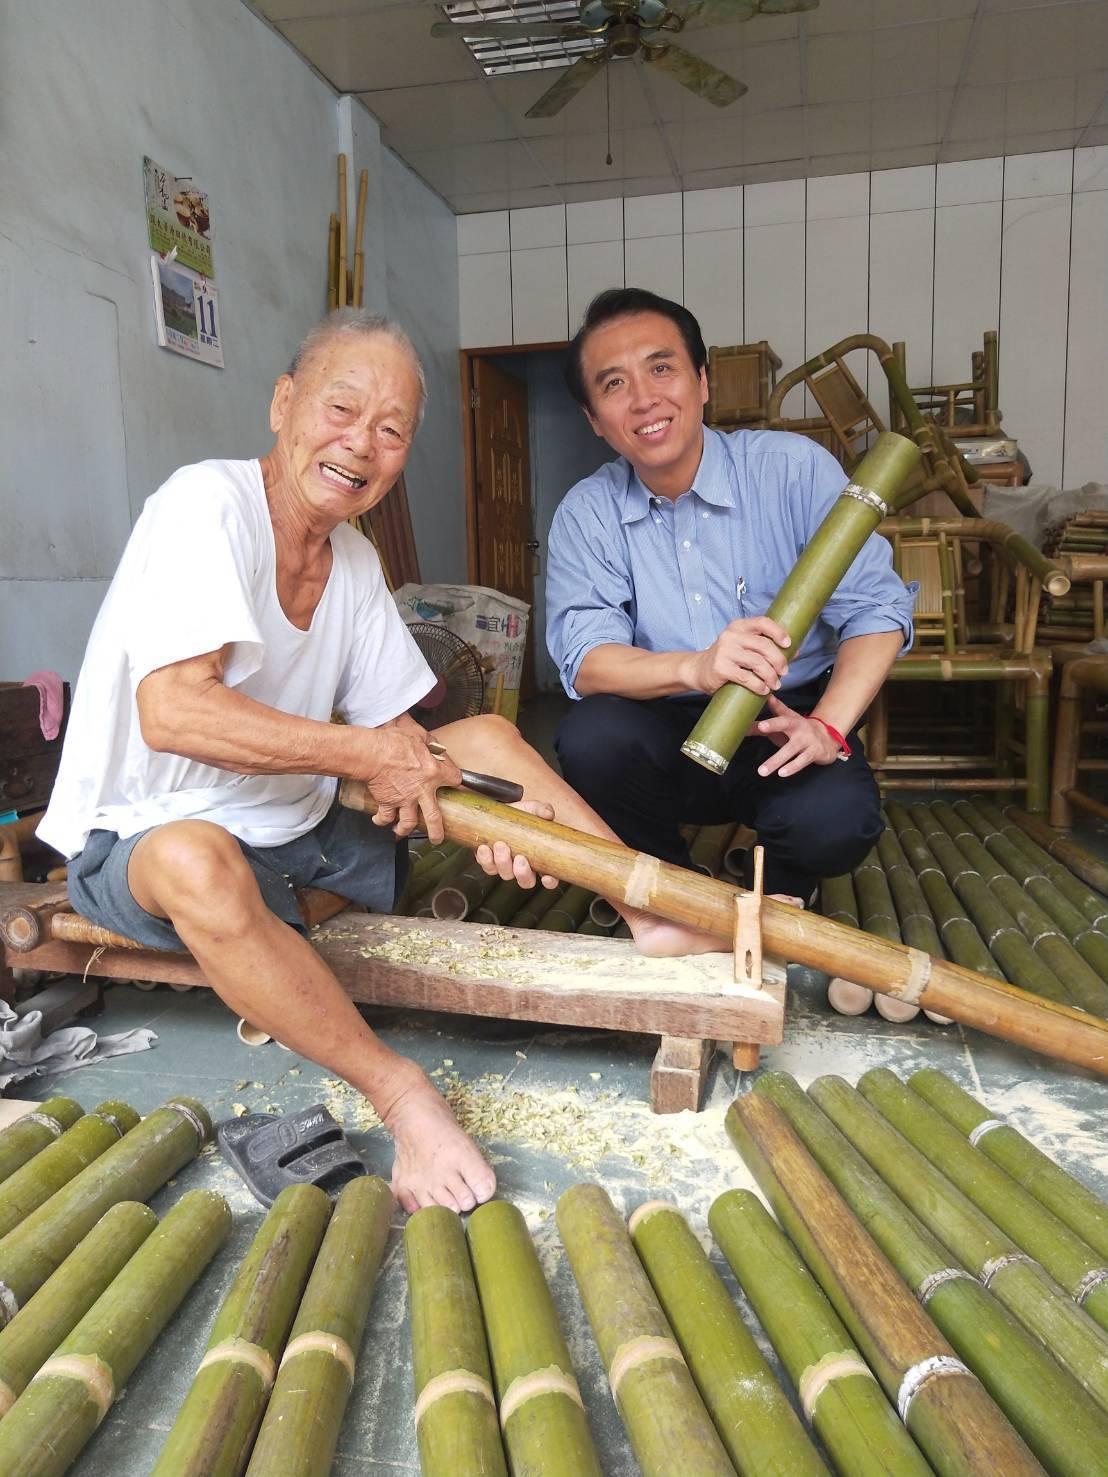 戴阿爐(左)的累積70年的竹編技術和經驗,竹藝功夫深厚,陳學聖(右)認為已經達到...